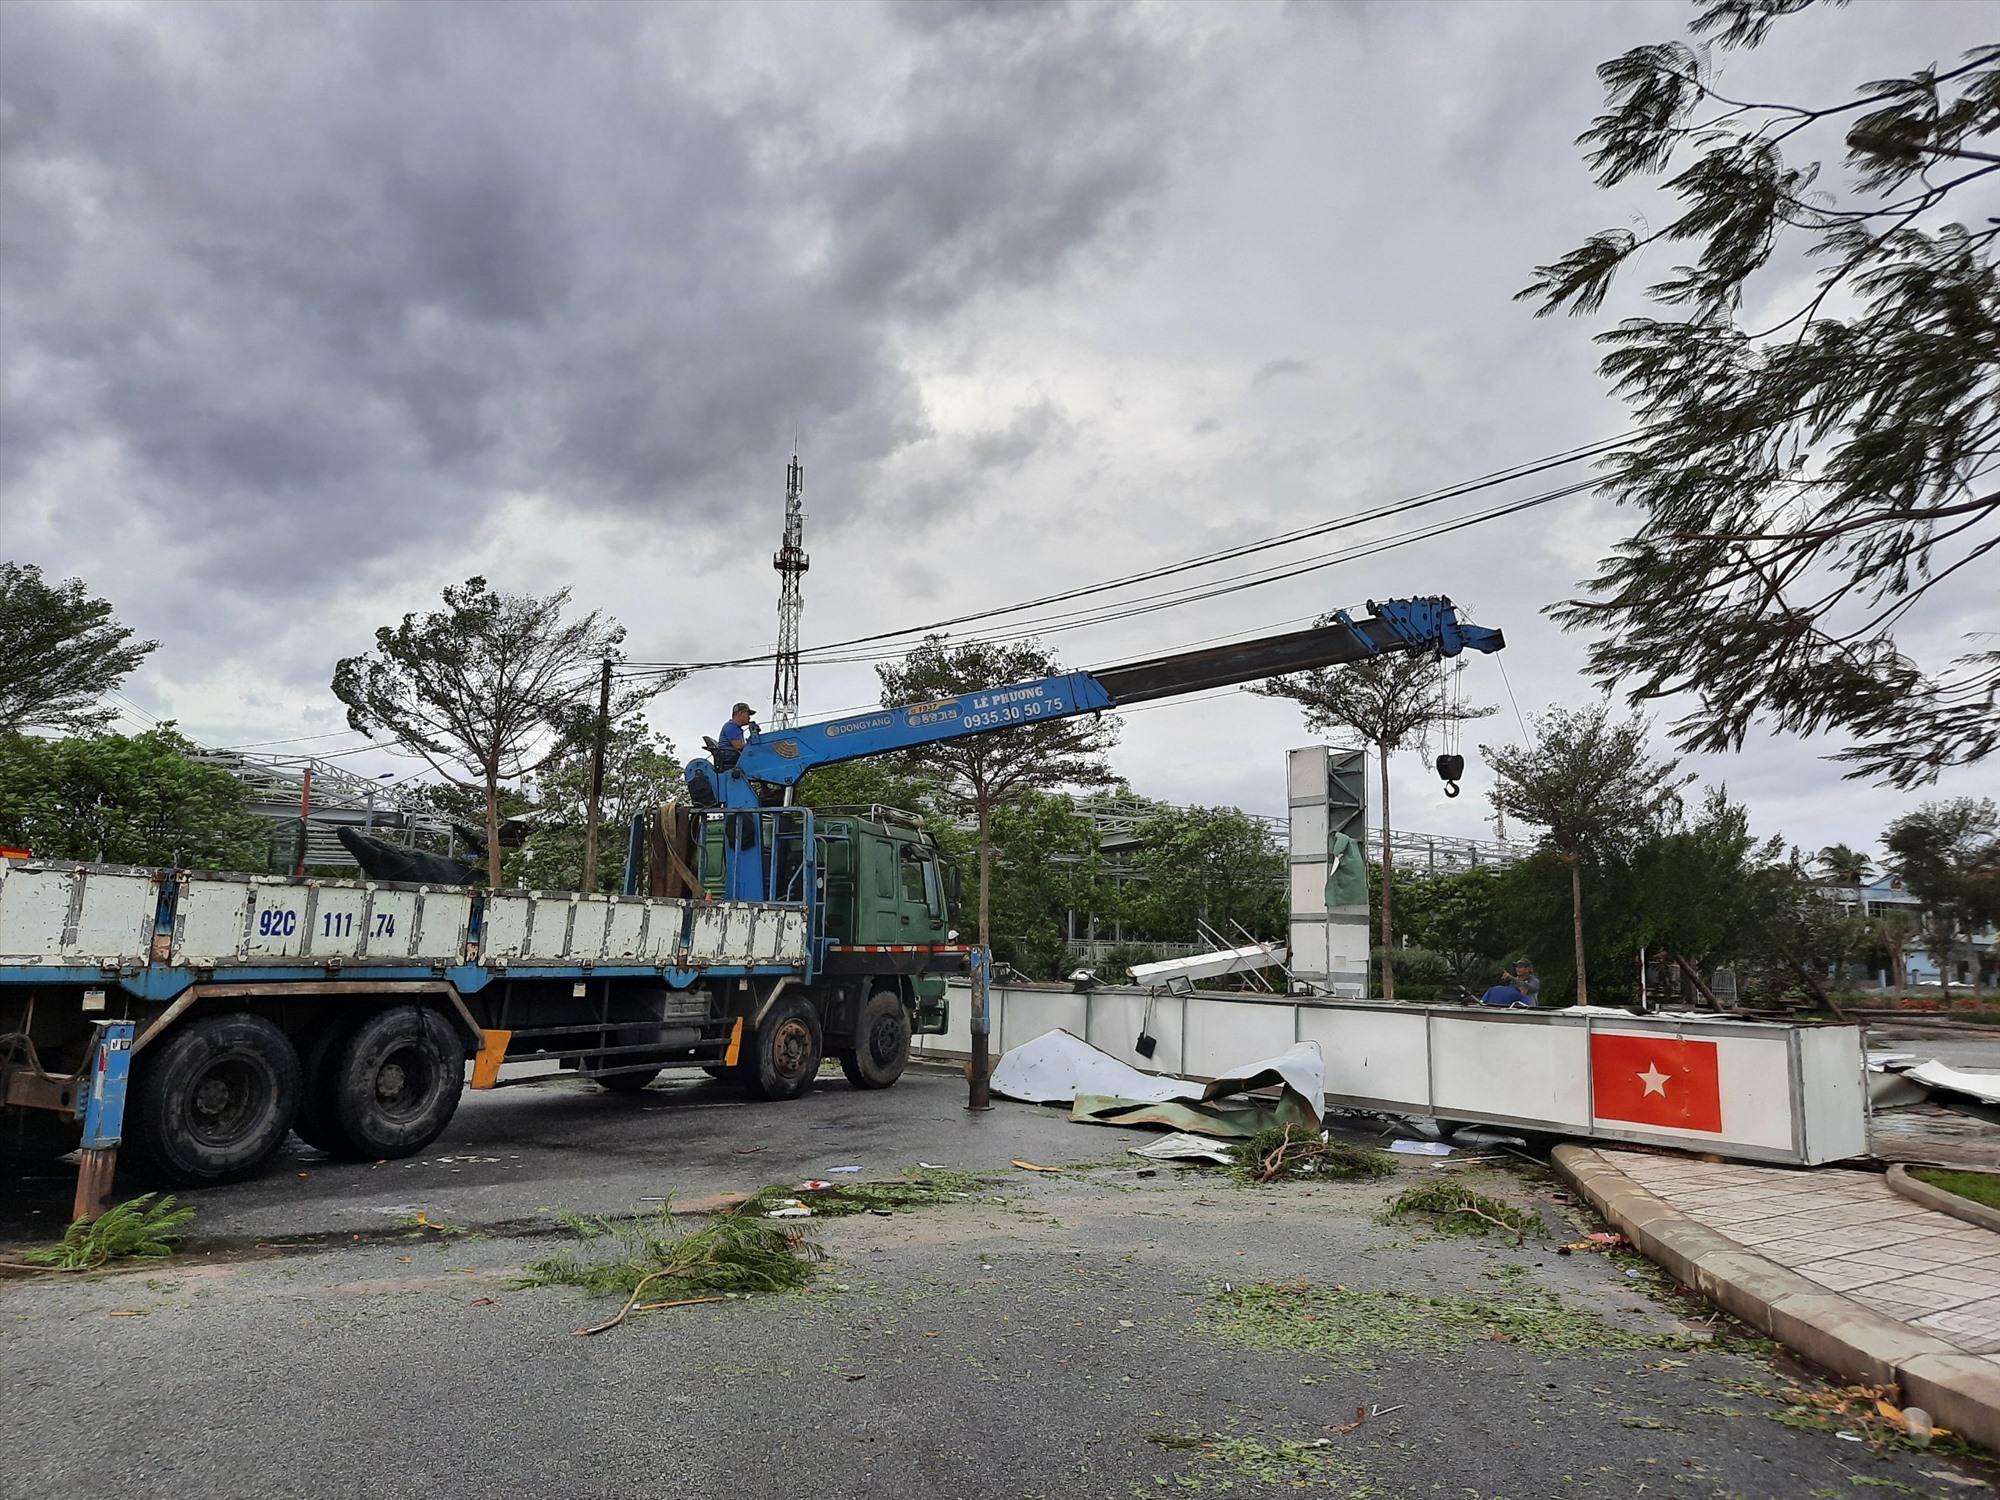 Cổng chào trung tâm huyện Núi Thành bị sập, hư hỏng hoàn toàn. Ảnh: Đ.ĐẠO